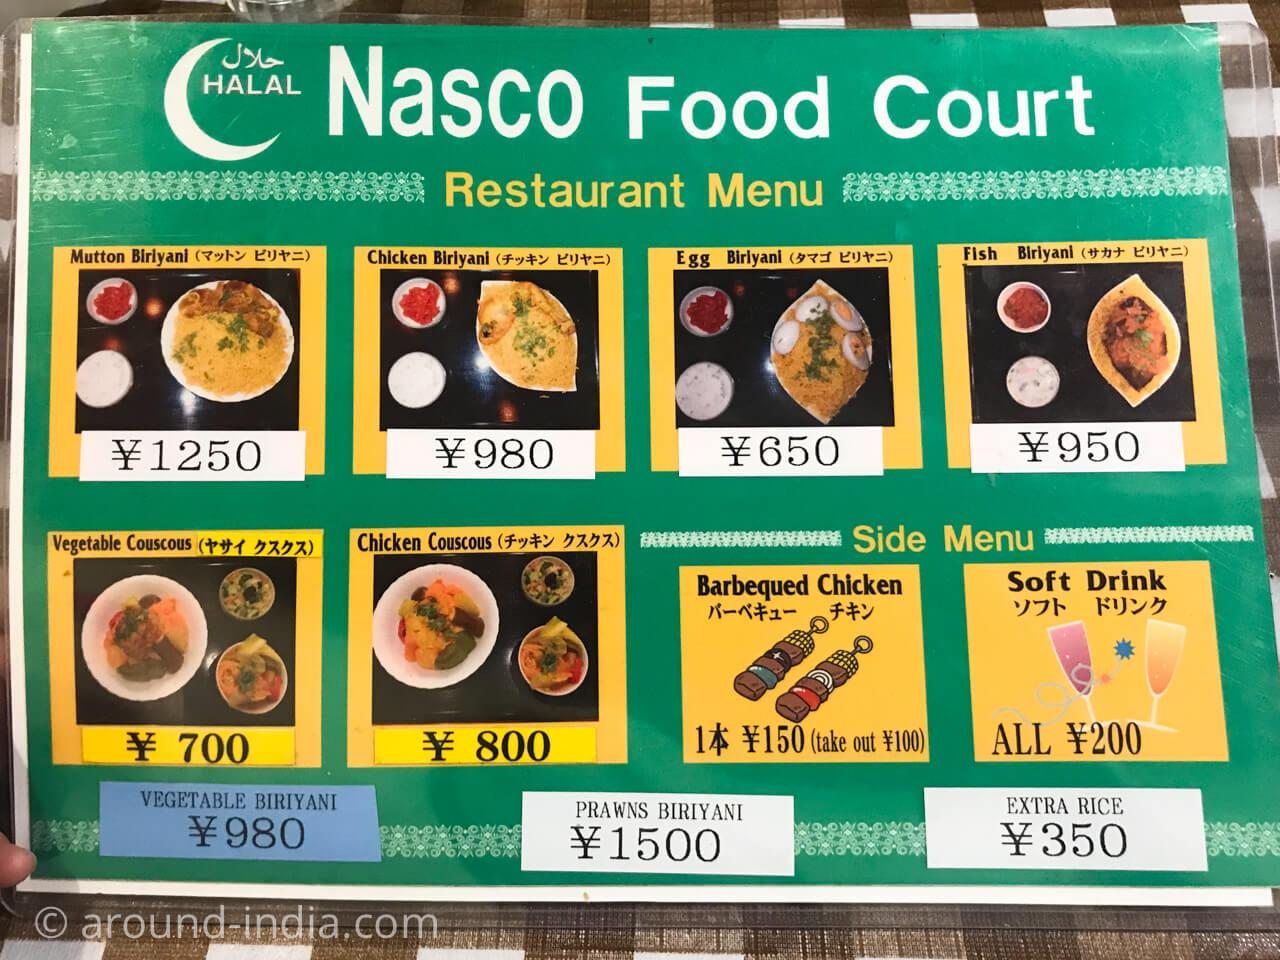 新大久保イスラム横丁 Nasco Food Courtメニュー